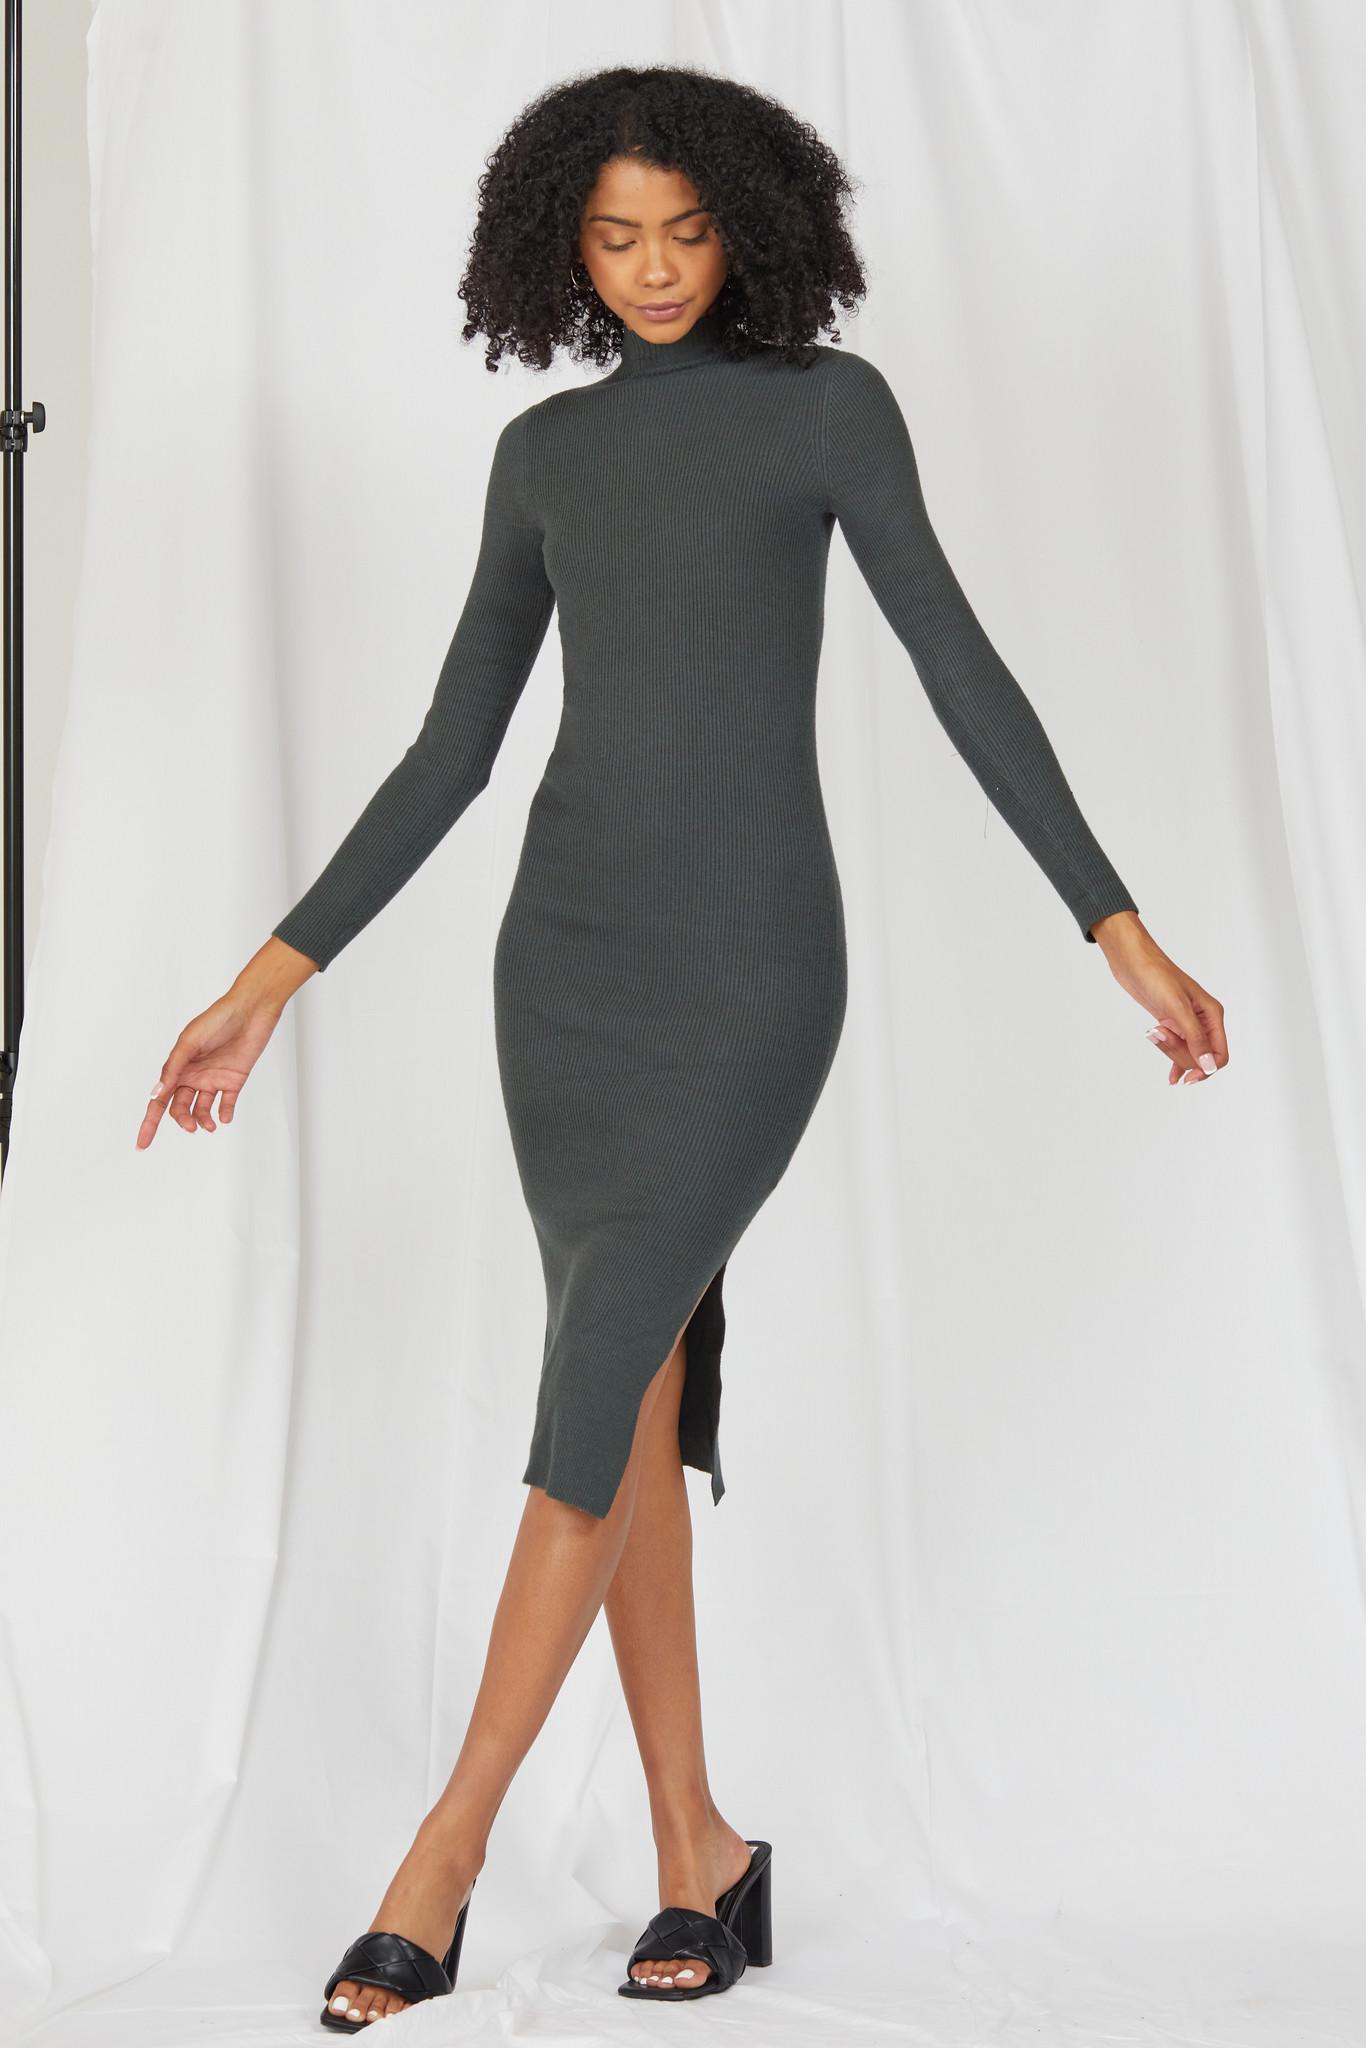 Midi High Hopes Midi Dress